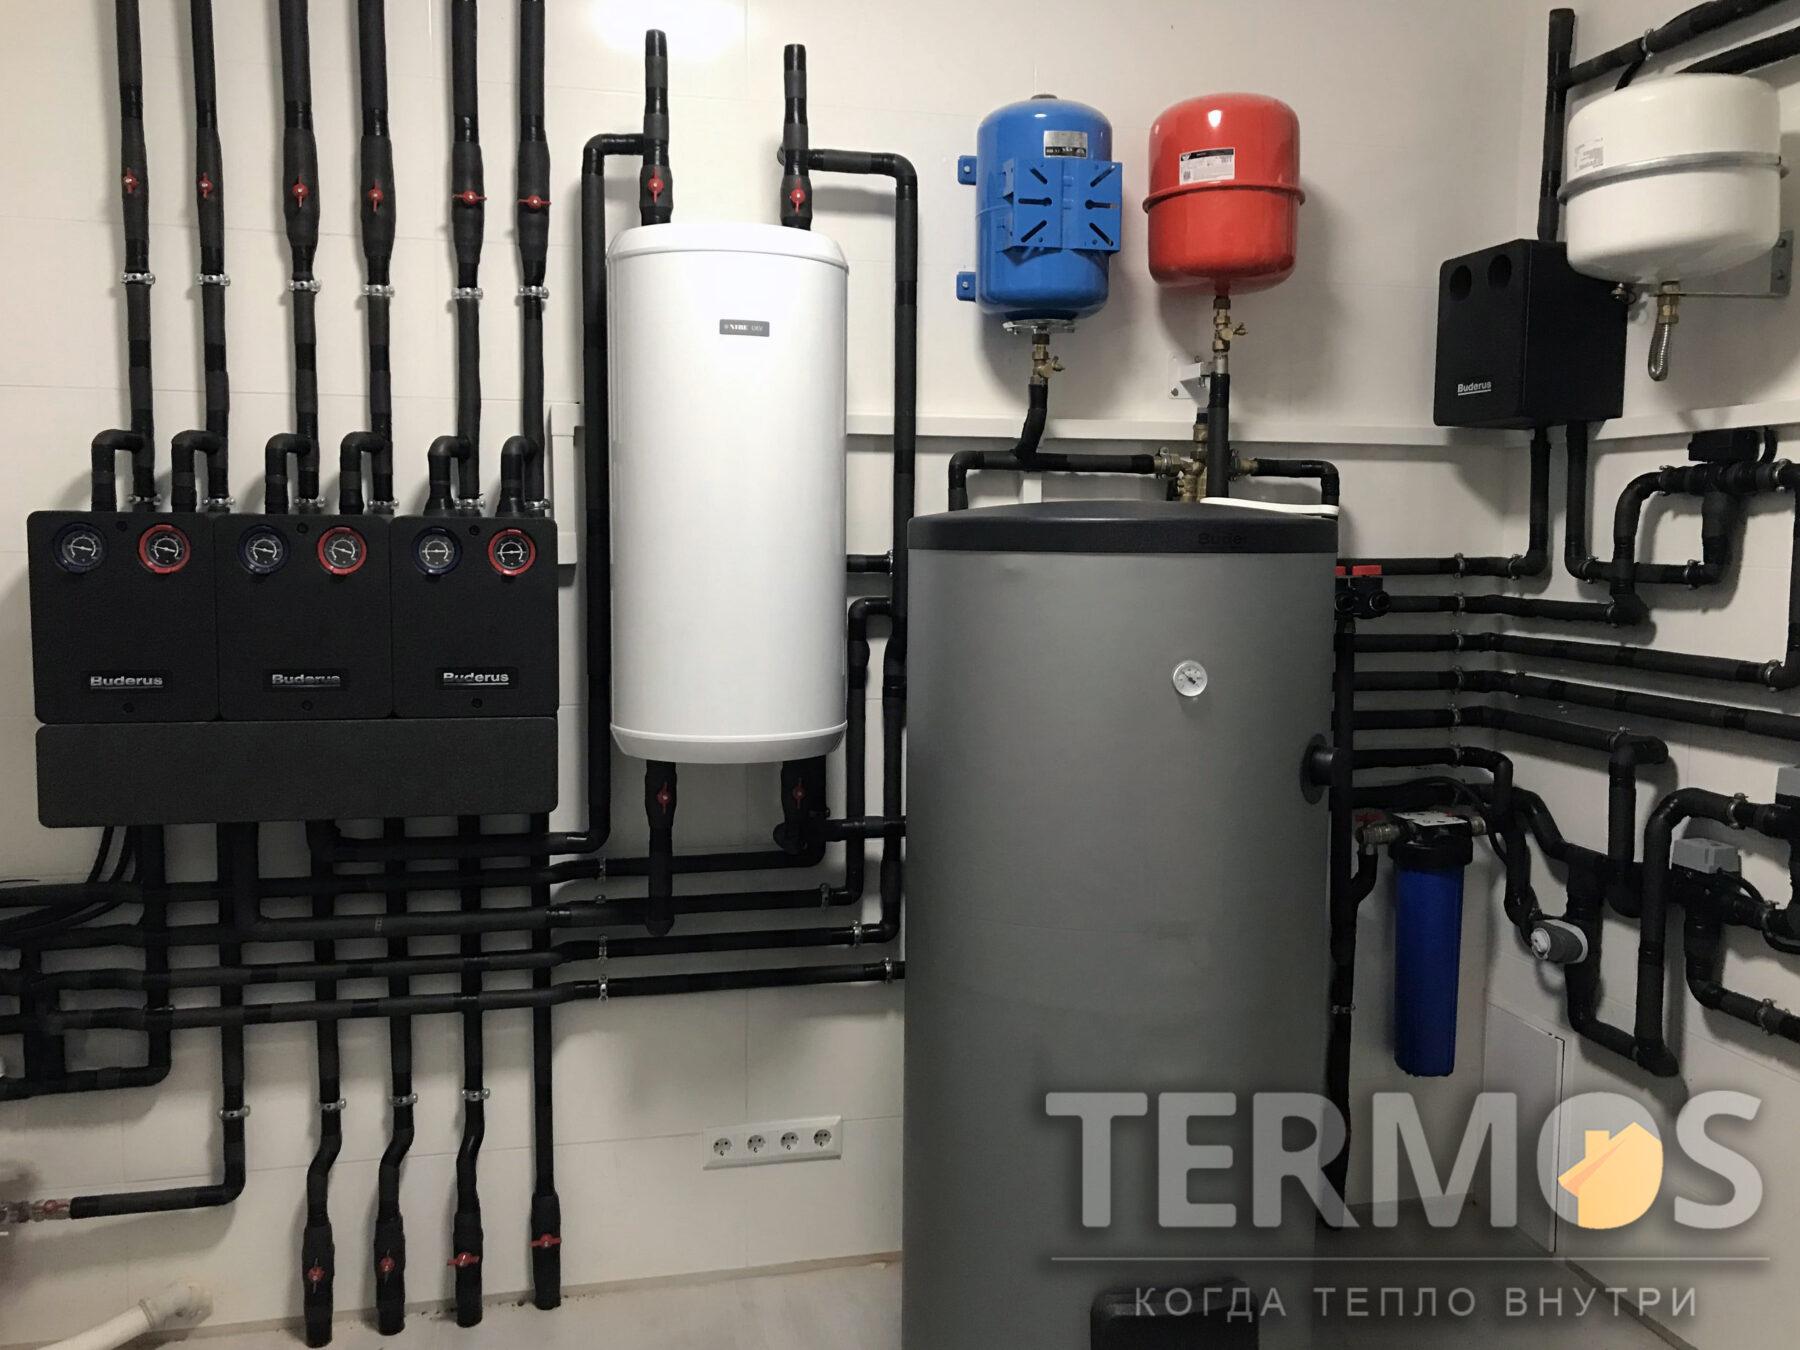 Золоче. Дом 320 кв.м. Низкотемпературная система отопления: отопление дома радиаторами и теплым полом, приготовления горячей воды, нагрев бассейна, охлаждения дома летом, управление системой через интернет